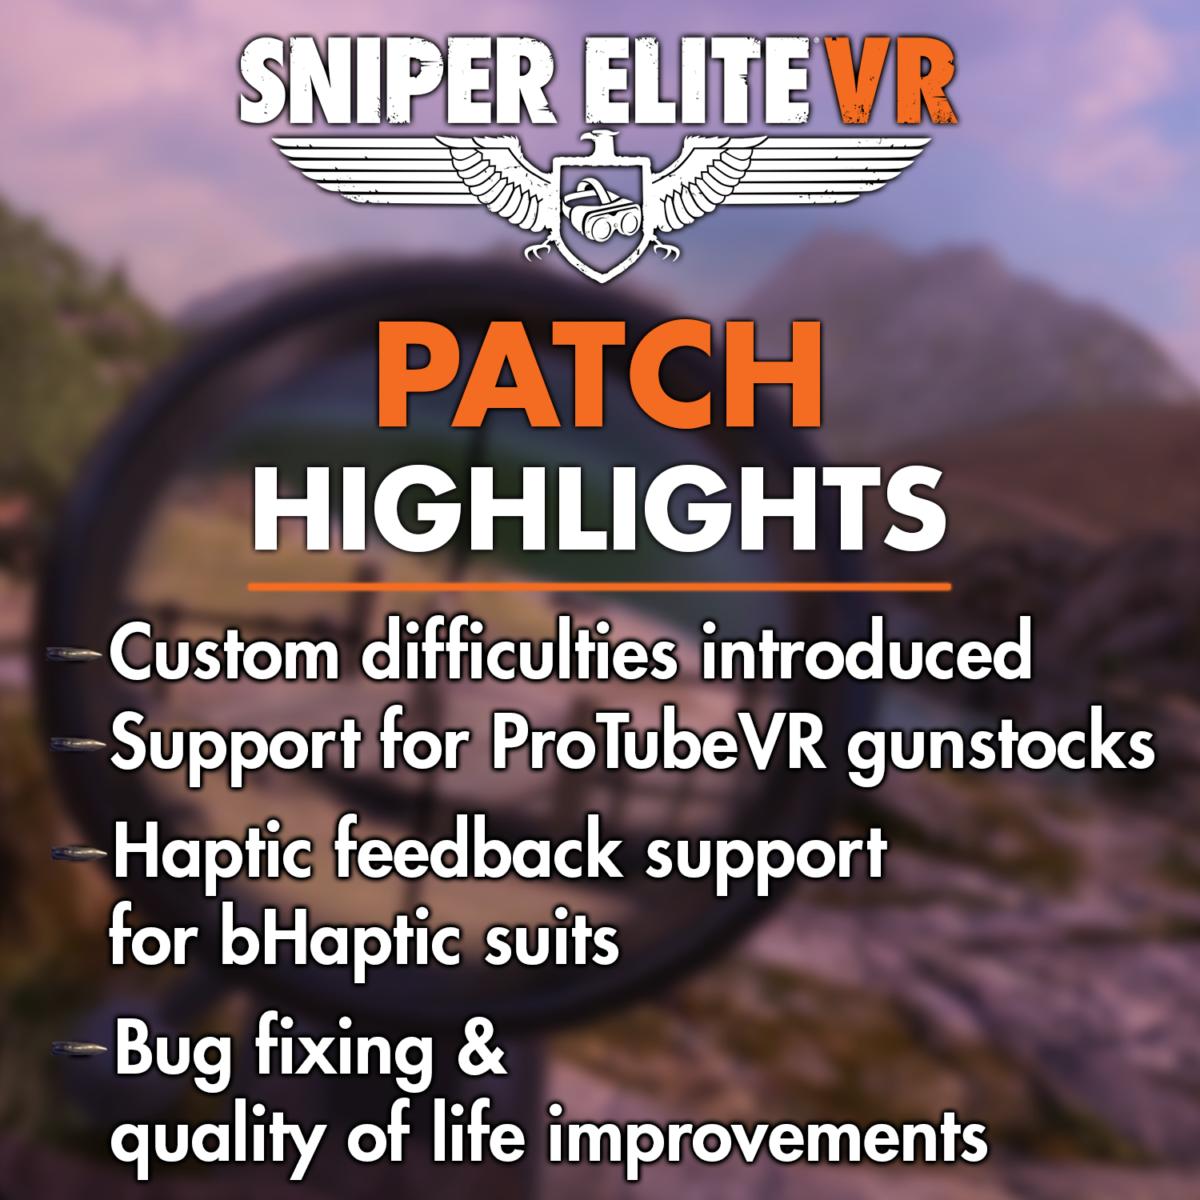 Sniper Elite VR September Patch